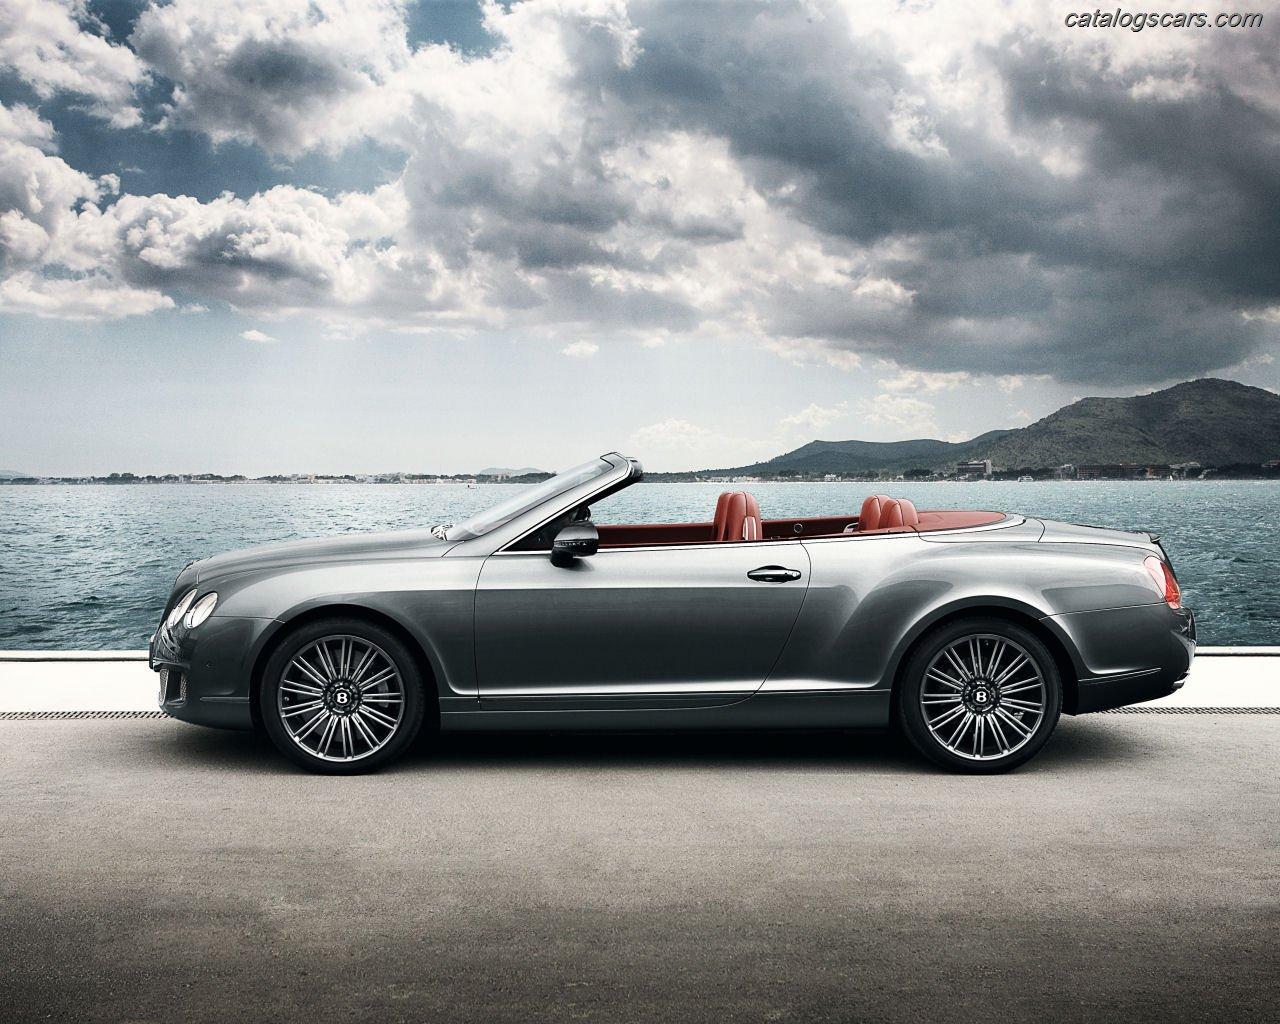 صور سيارة بنتلى كونتيننتال جى تى سى سبيد 2012 - اجمل خلفيات صور عربية بنتلى كونتيننتال جى تى سى سبيد 2012 - Bentley Continental Gtc Speed Photos Bentley-Continental-Gtc-Speed-2011-01.jpg